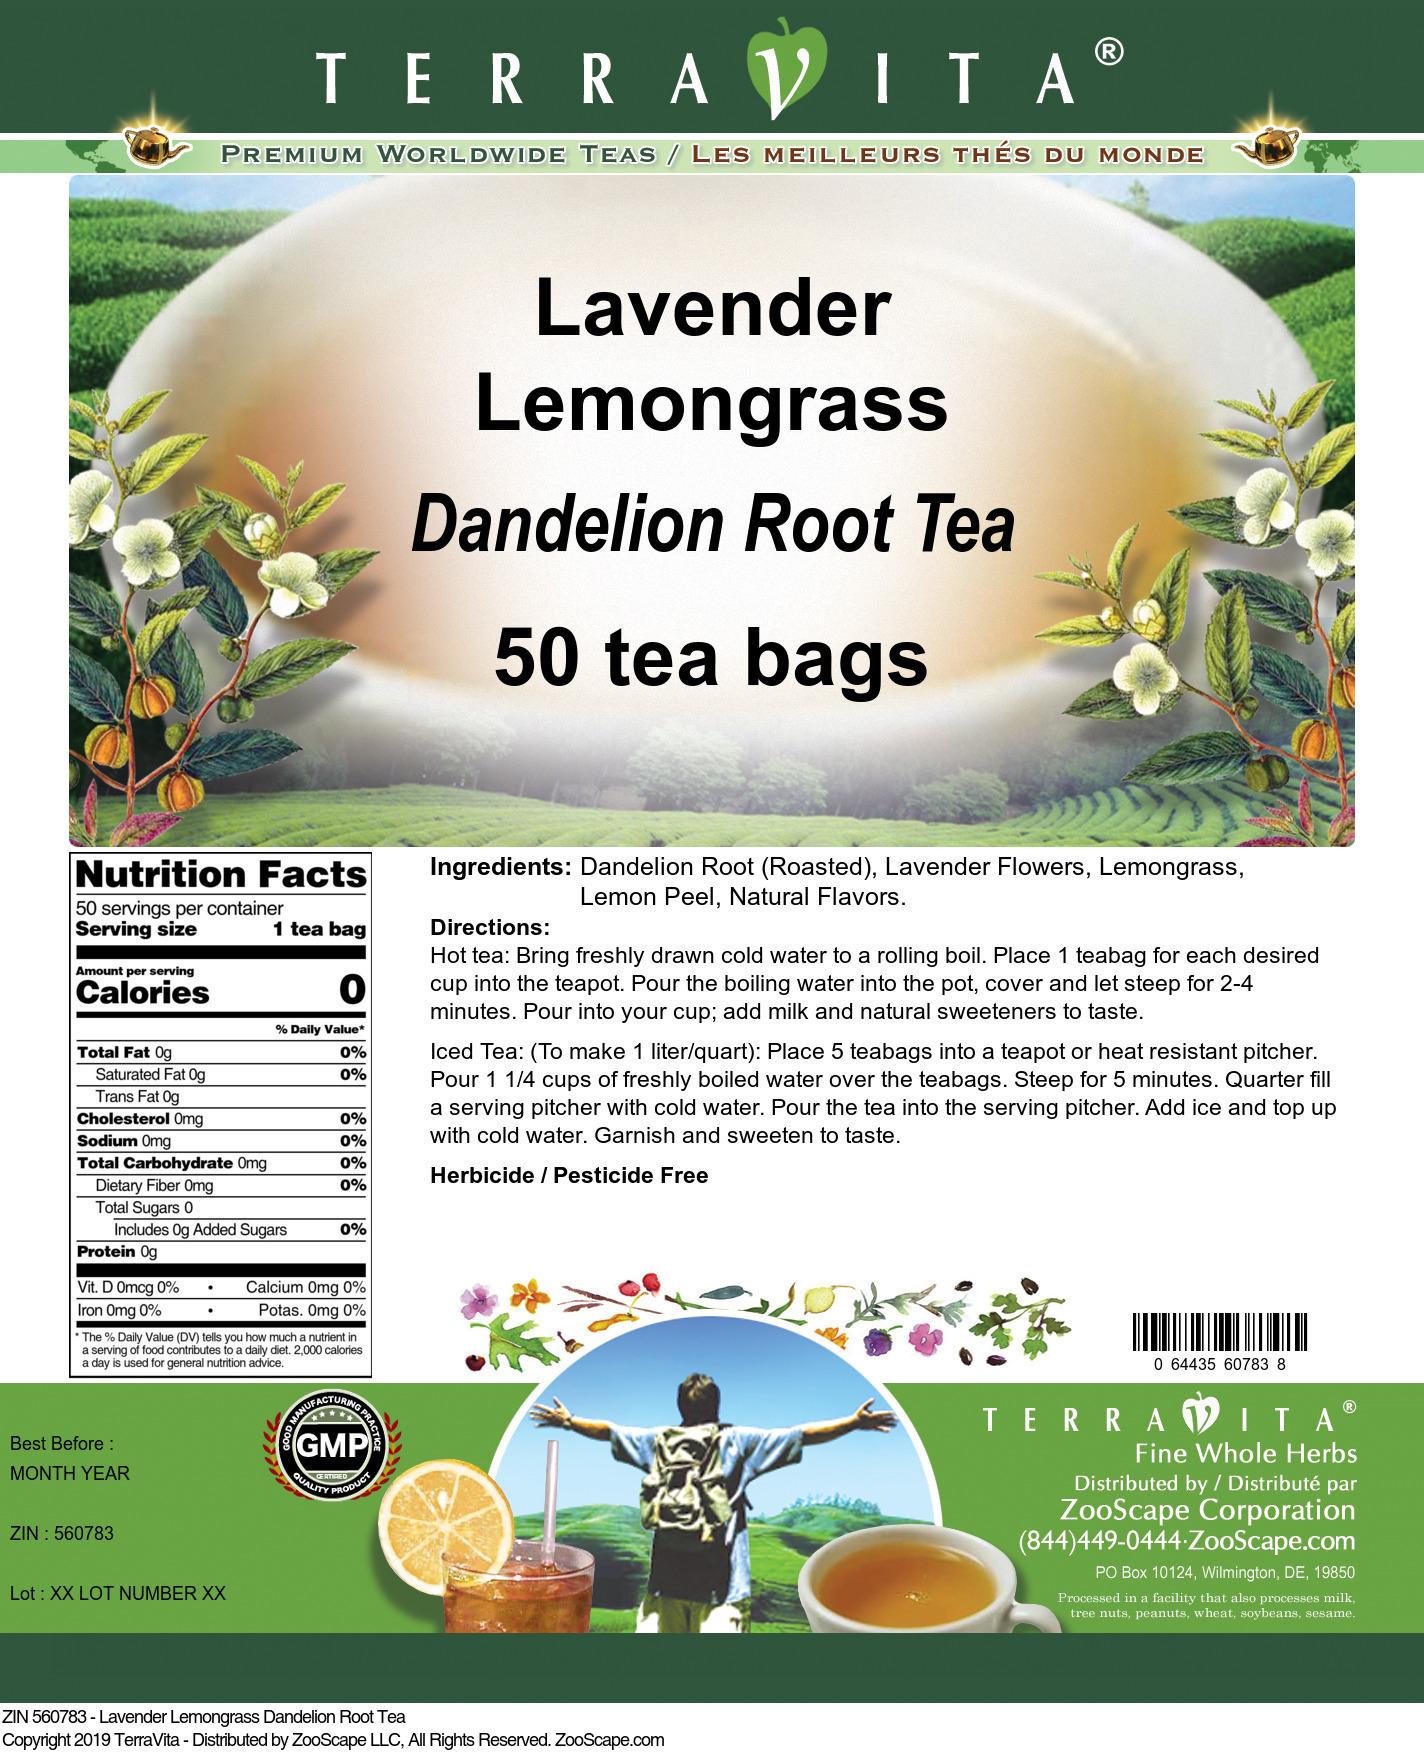 Lavender Lemongrass Dandelion Root Tea